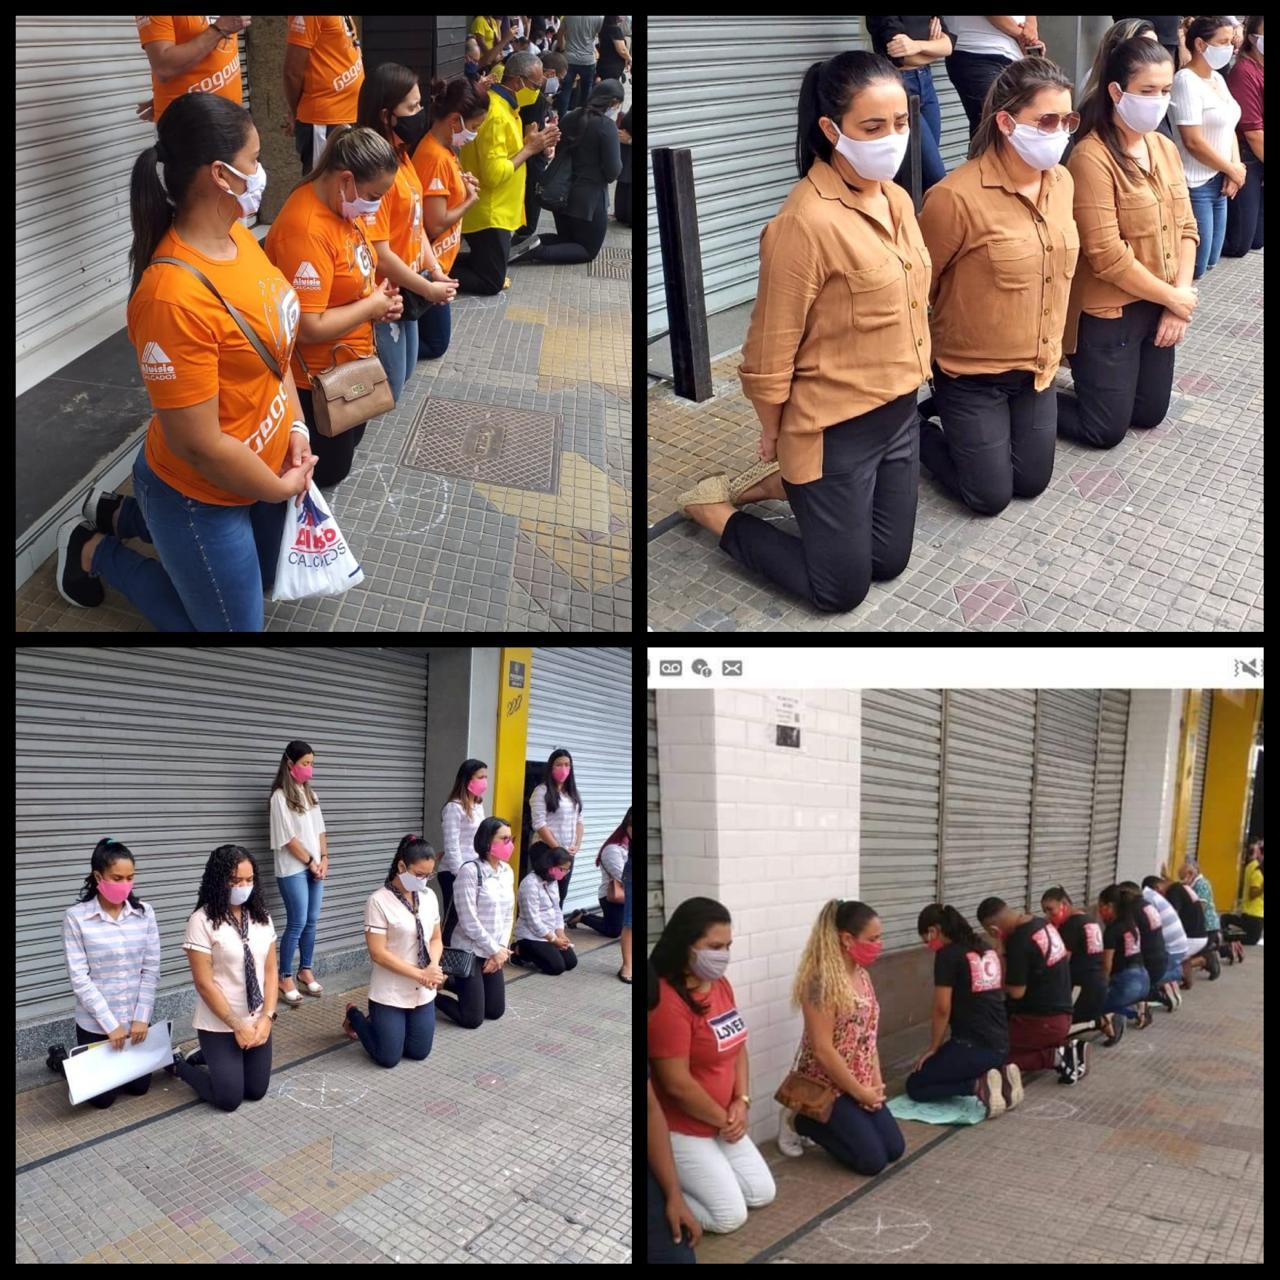 WhatsApp Image 2020 04 28 at 22.15.56 - REPERCUSSÃO: Procuradoria do Trabalho apura protesto em que funcionários foram obrigados a se ajoelhar para pedir volta do comércio, em CG